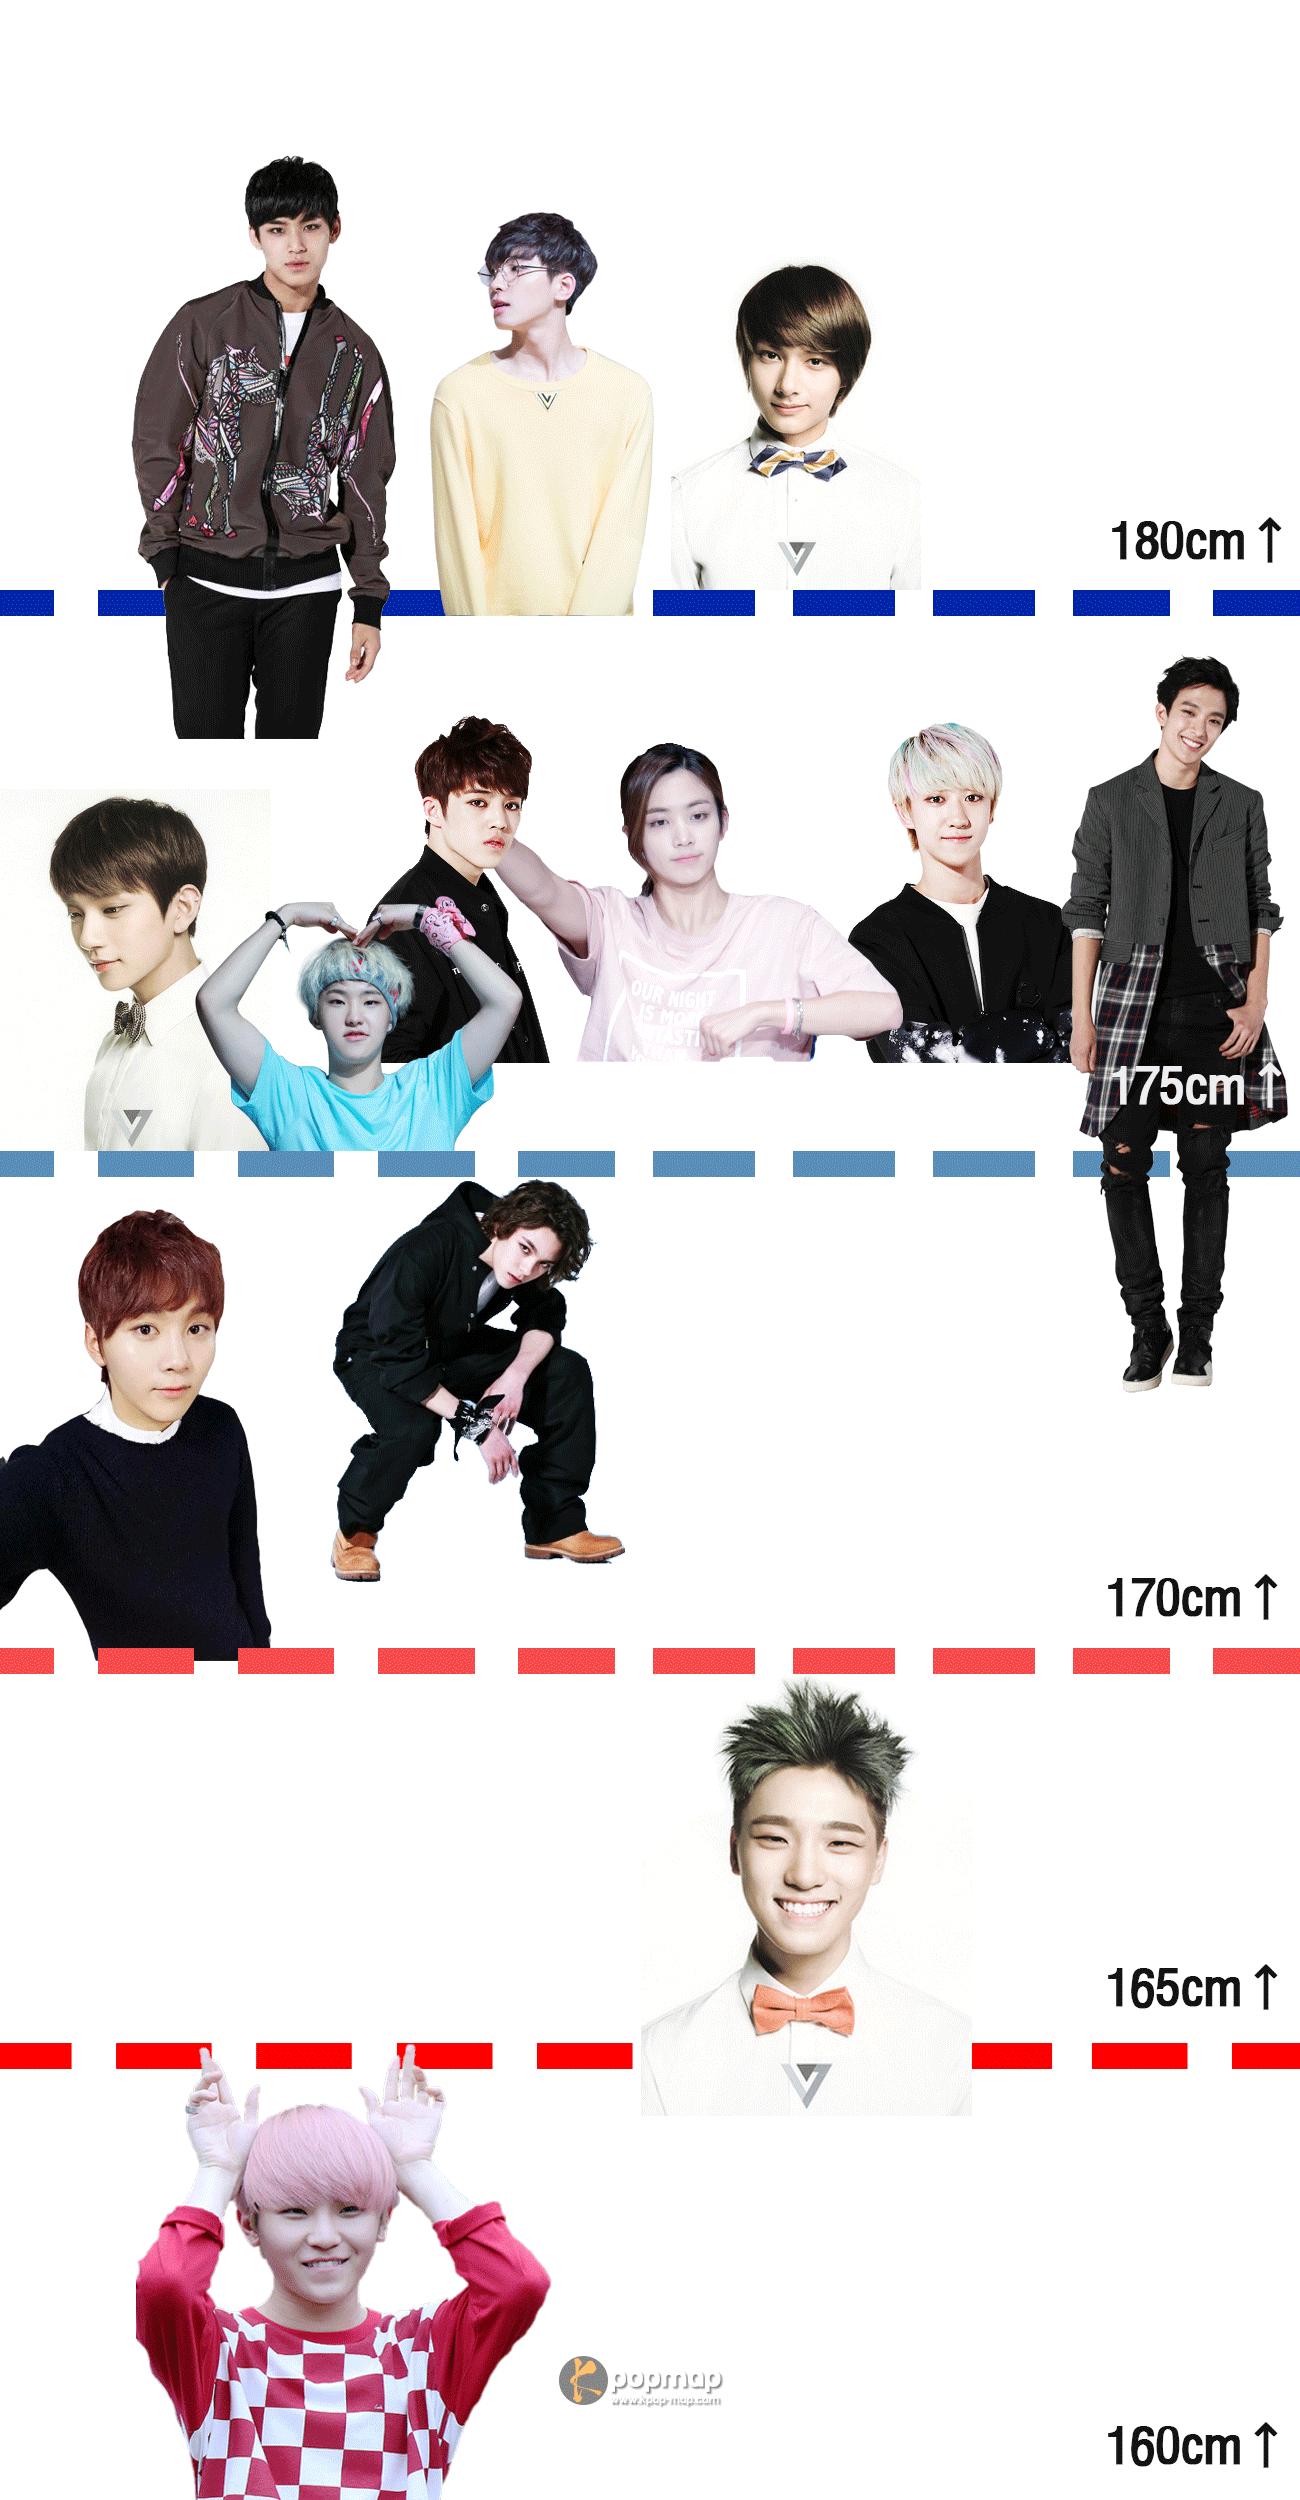 seventeen height